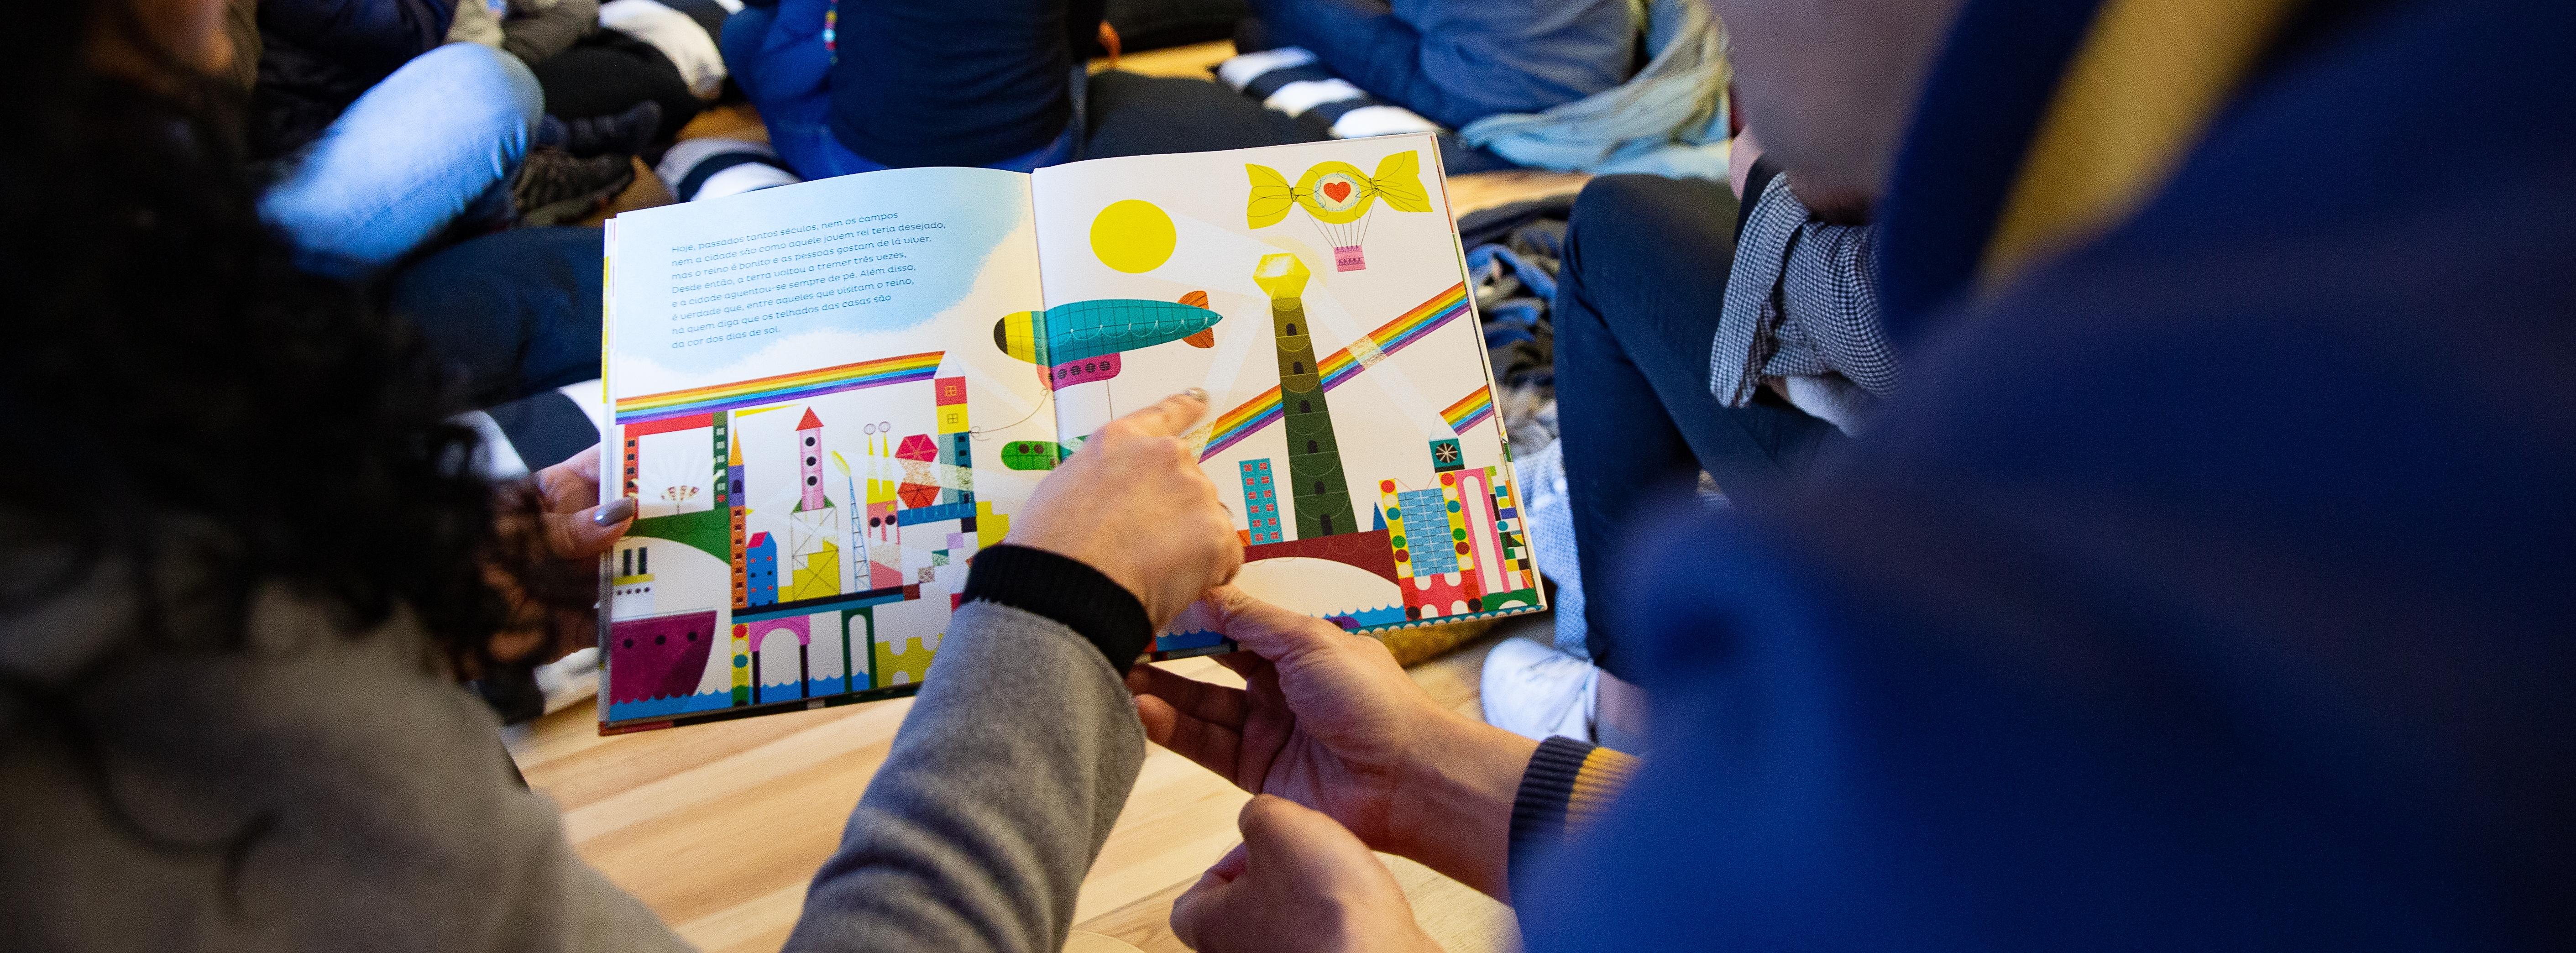 Duas pessoas seguram  um livro ilustrado aberto. Uma delas aponta para a imagem, com desenhos de uma cidade